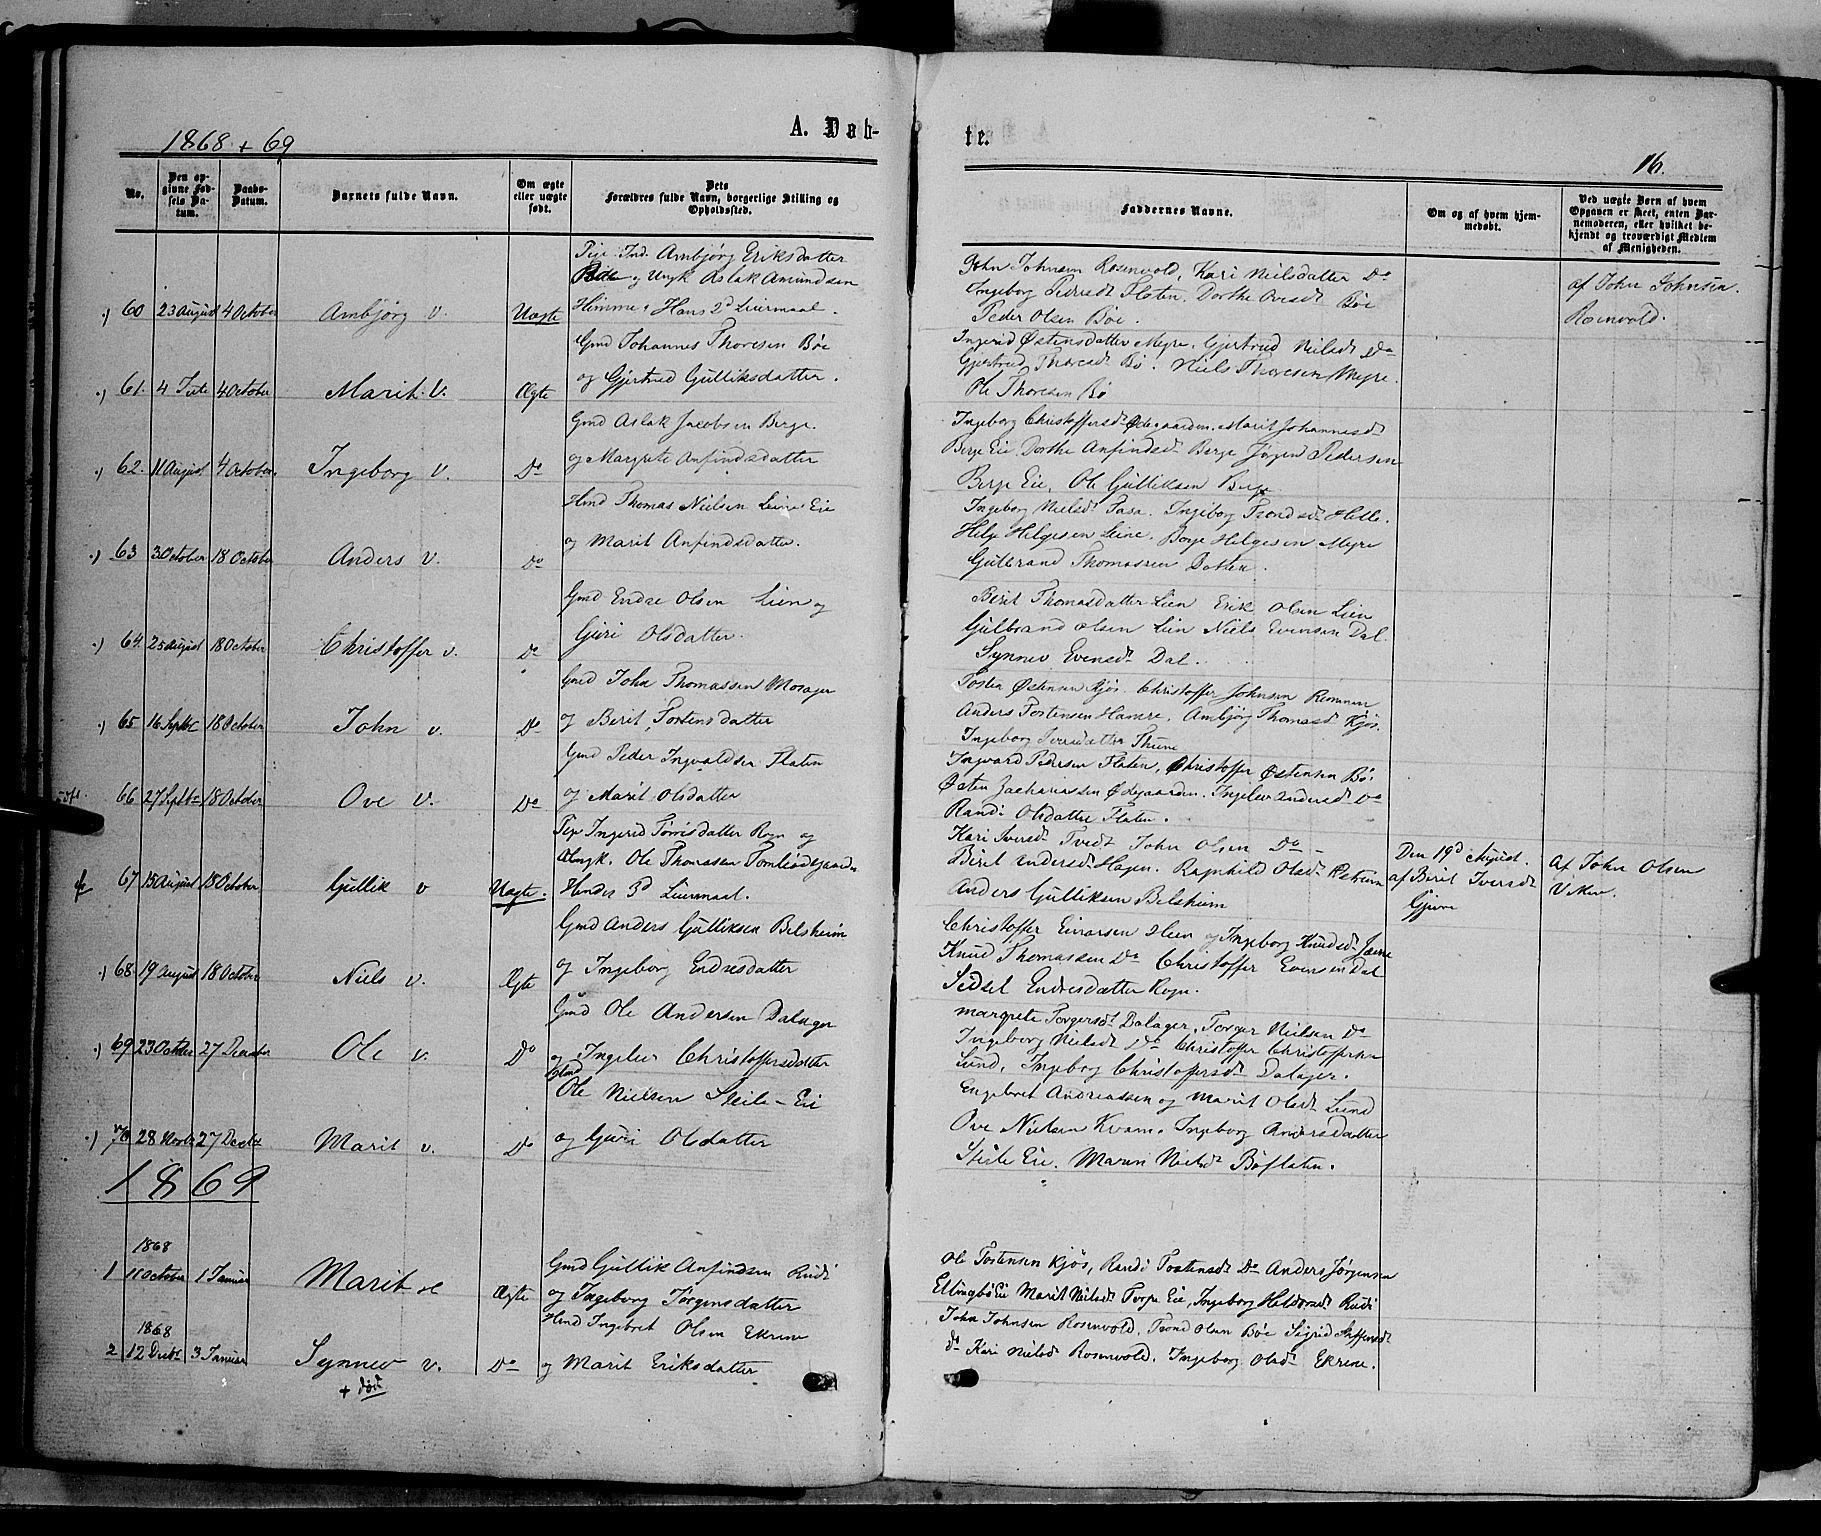 SAH, Vang prestekontor, Valdres, Ministerialbok nr. 7, 1865-1881, s. 16